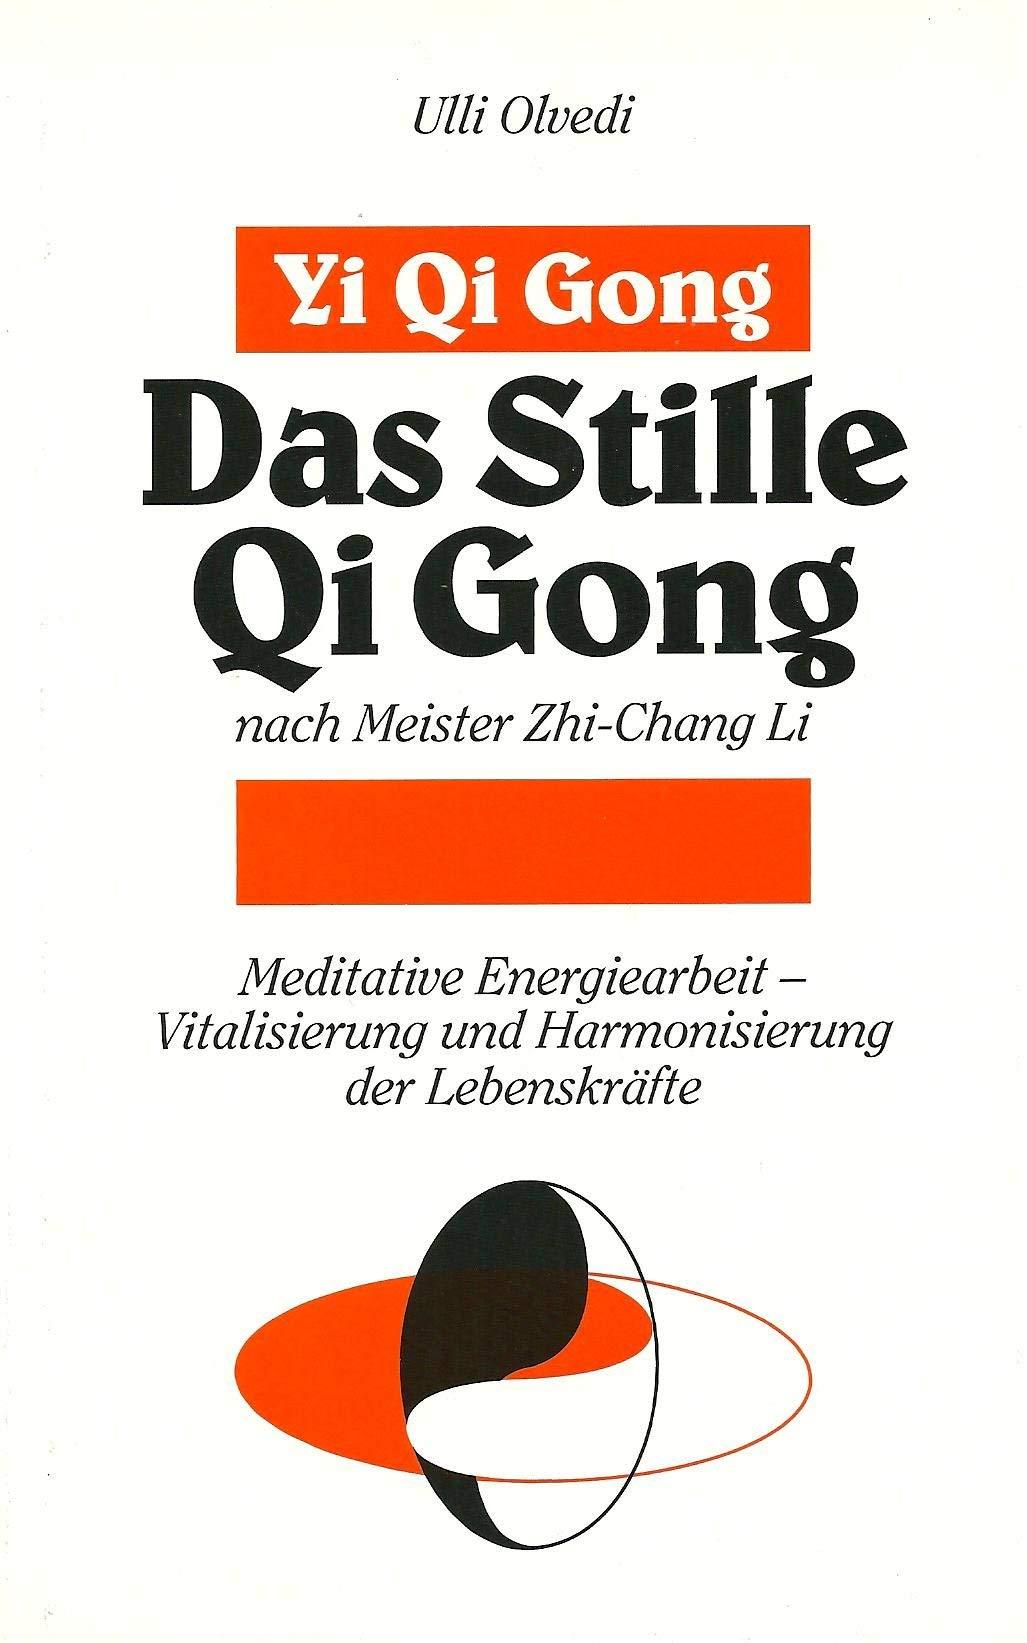 Das stille Qi Gong nach Meister Zhi-Chang Li. Vitalisierung und Harmonisierung der Lebenskräfte durch meditative Energiearbeit